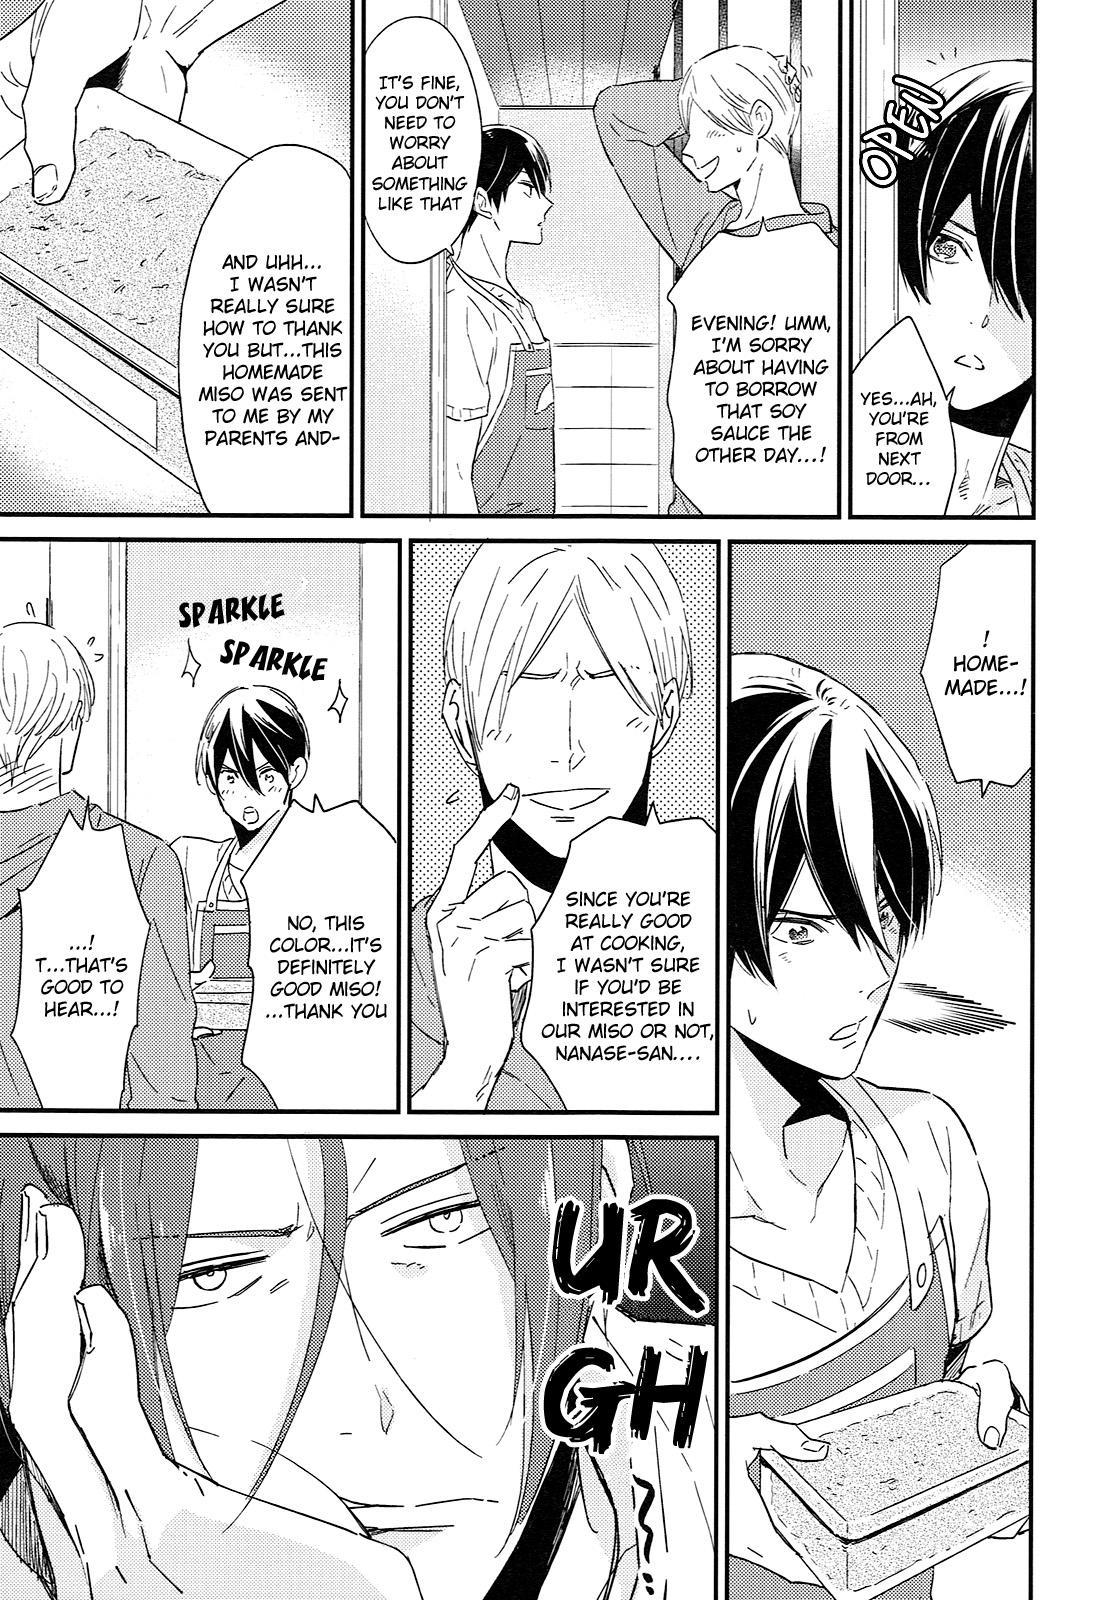 (SUPER24) [KANGAROO KICK (Takagi Takumi)] Matsuoka Rin no Shinkon Seikatsu (Kari) | Matsuoka Rin's Newly-Wed Life (Provisional) (Free!) [English] [Holy Mackerel] 7